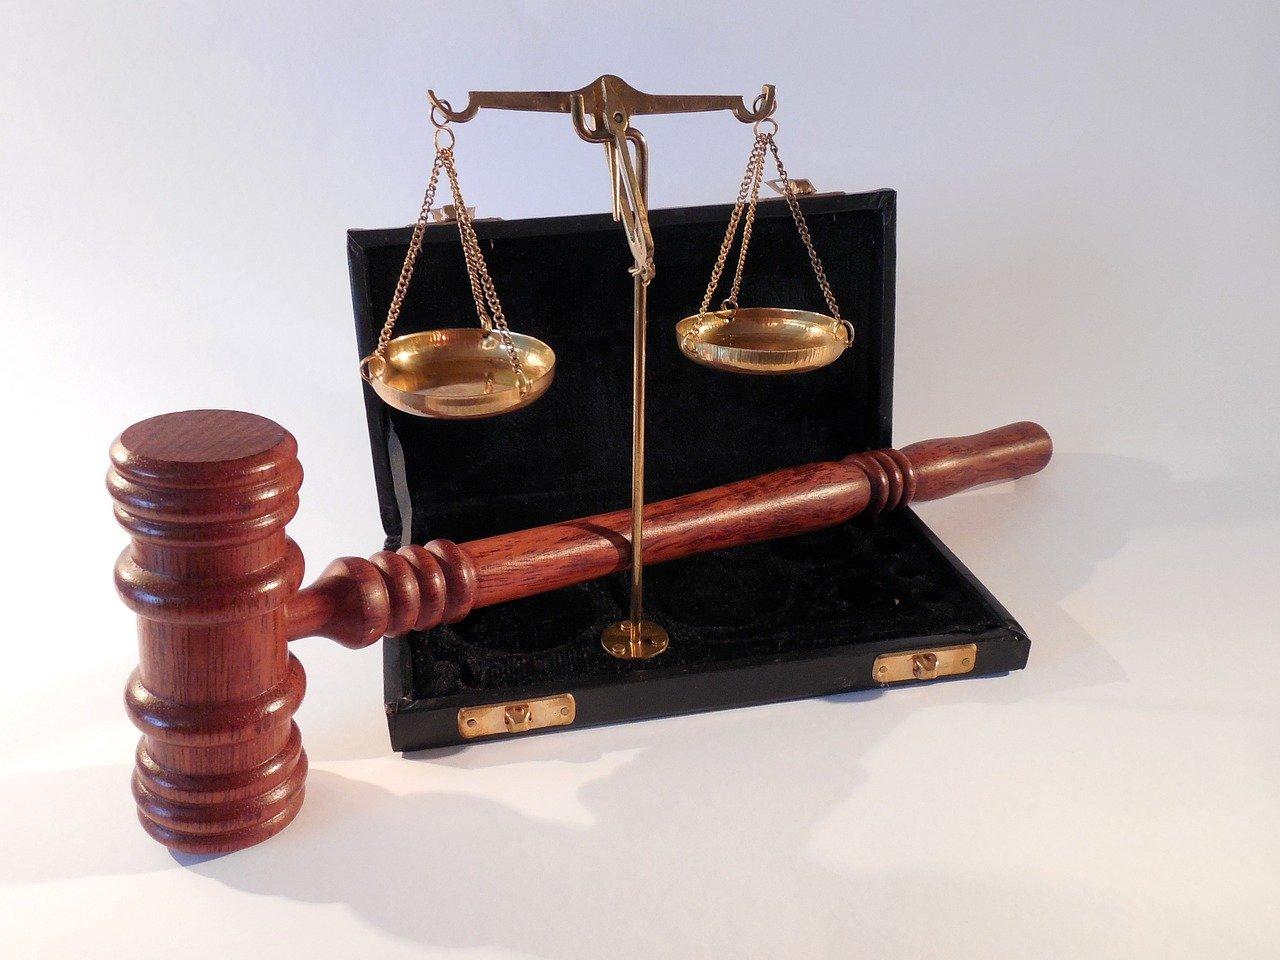 Экс-сотрудник мэрии Новороссийска приговорен к 11 месяцам колонии за покушение мошенничество